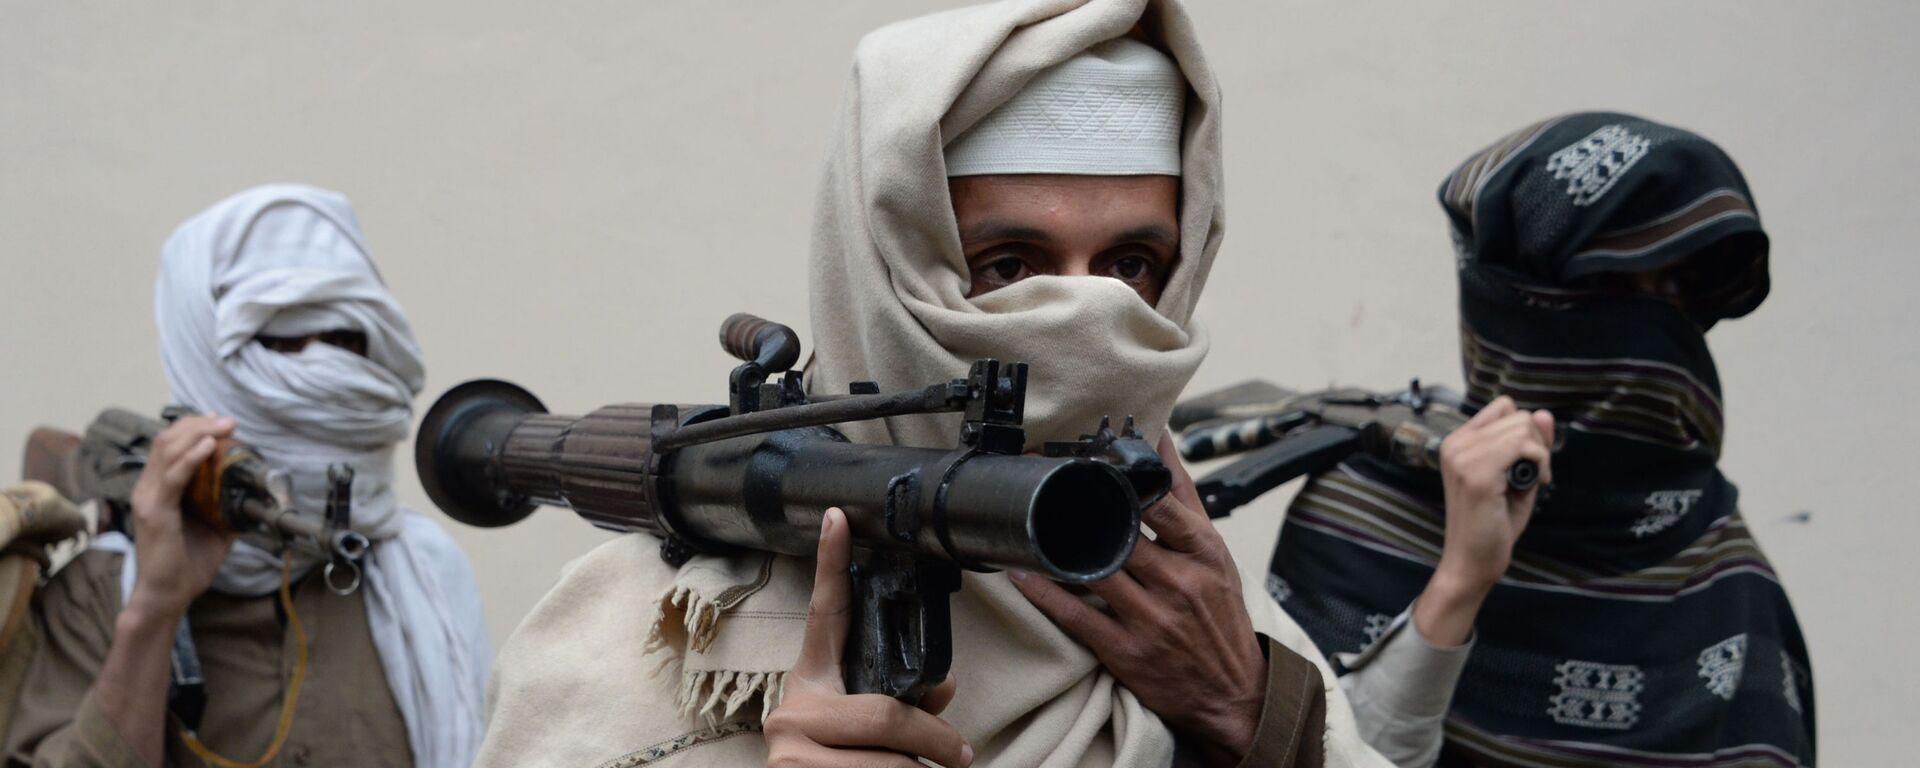 Бывшие боевики Талибана несут свое оружие - Sputnik Ўзбекистон, 1920, 02.06.2020